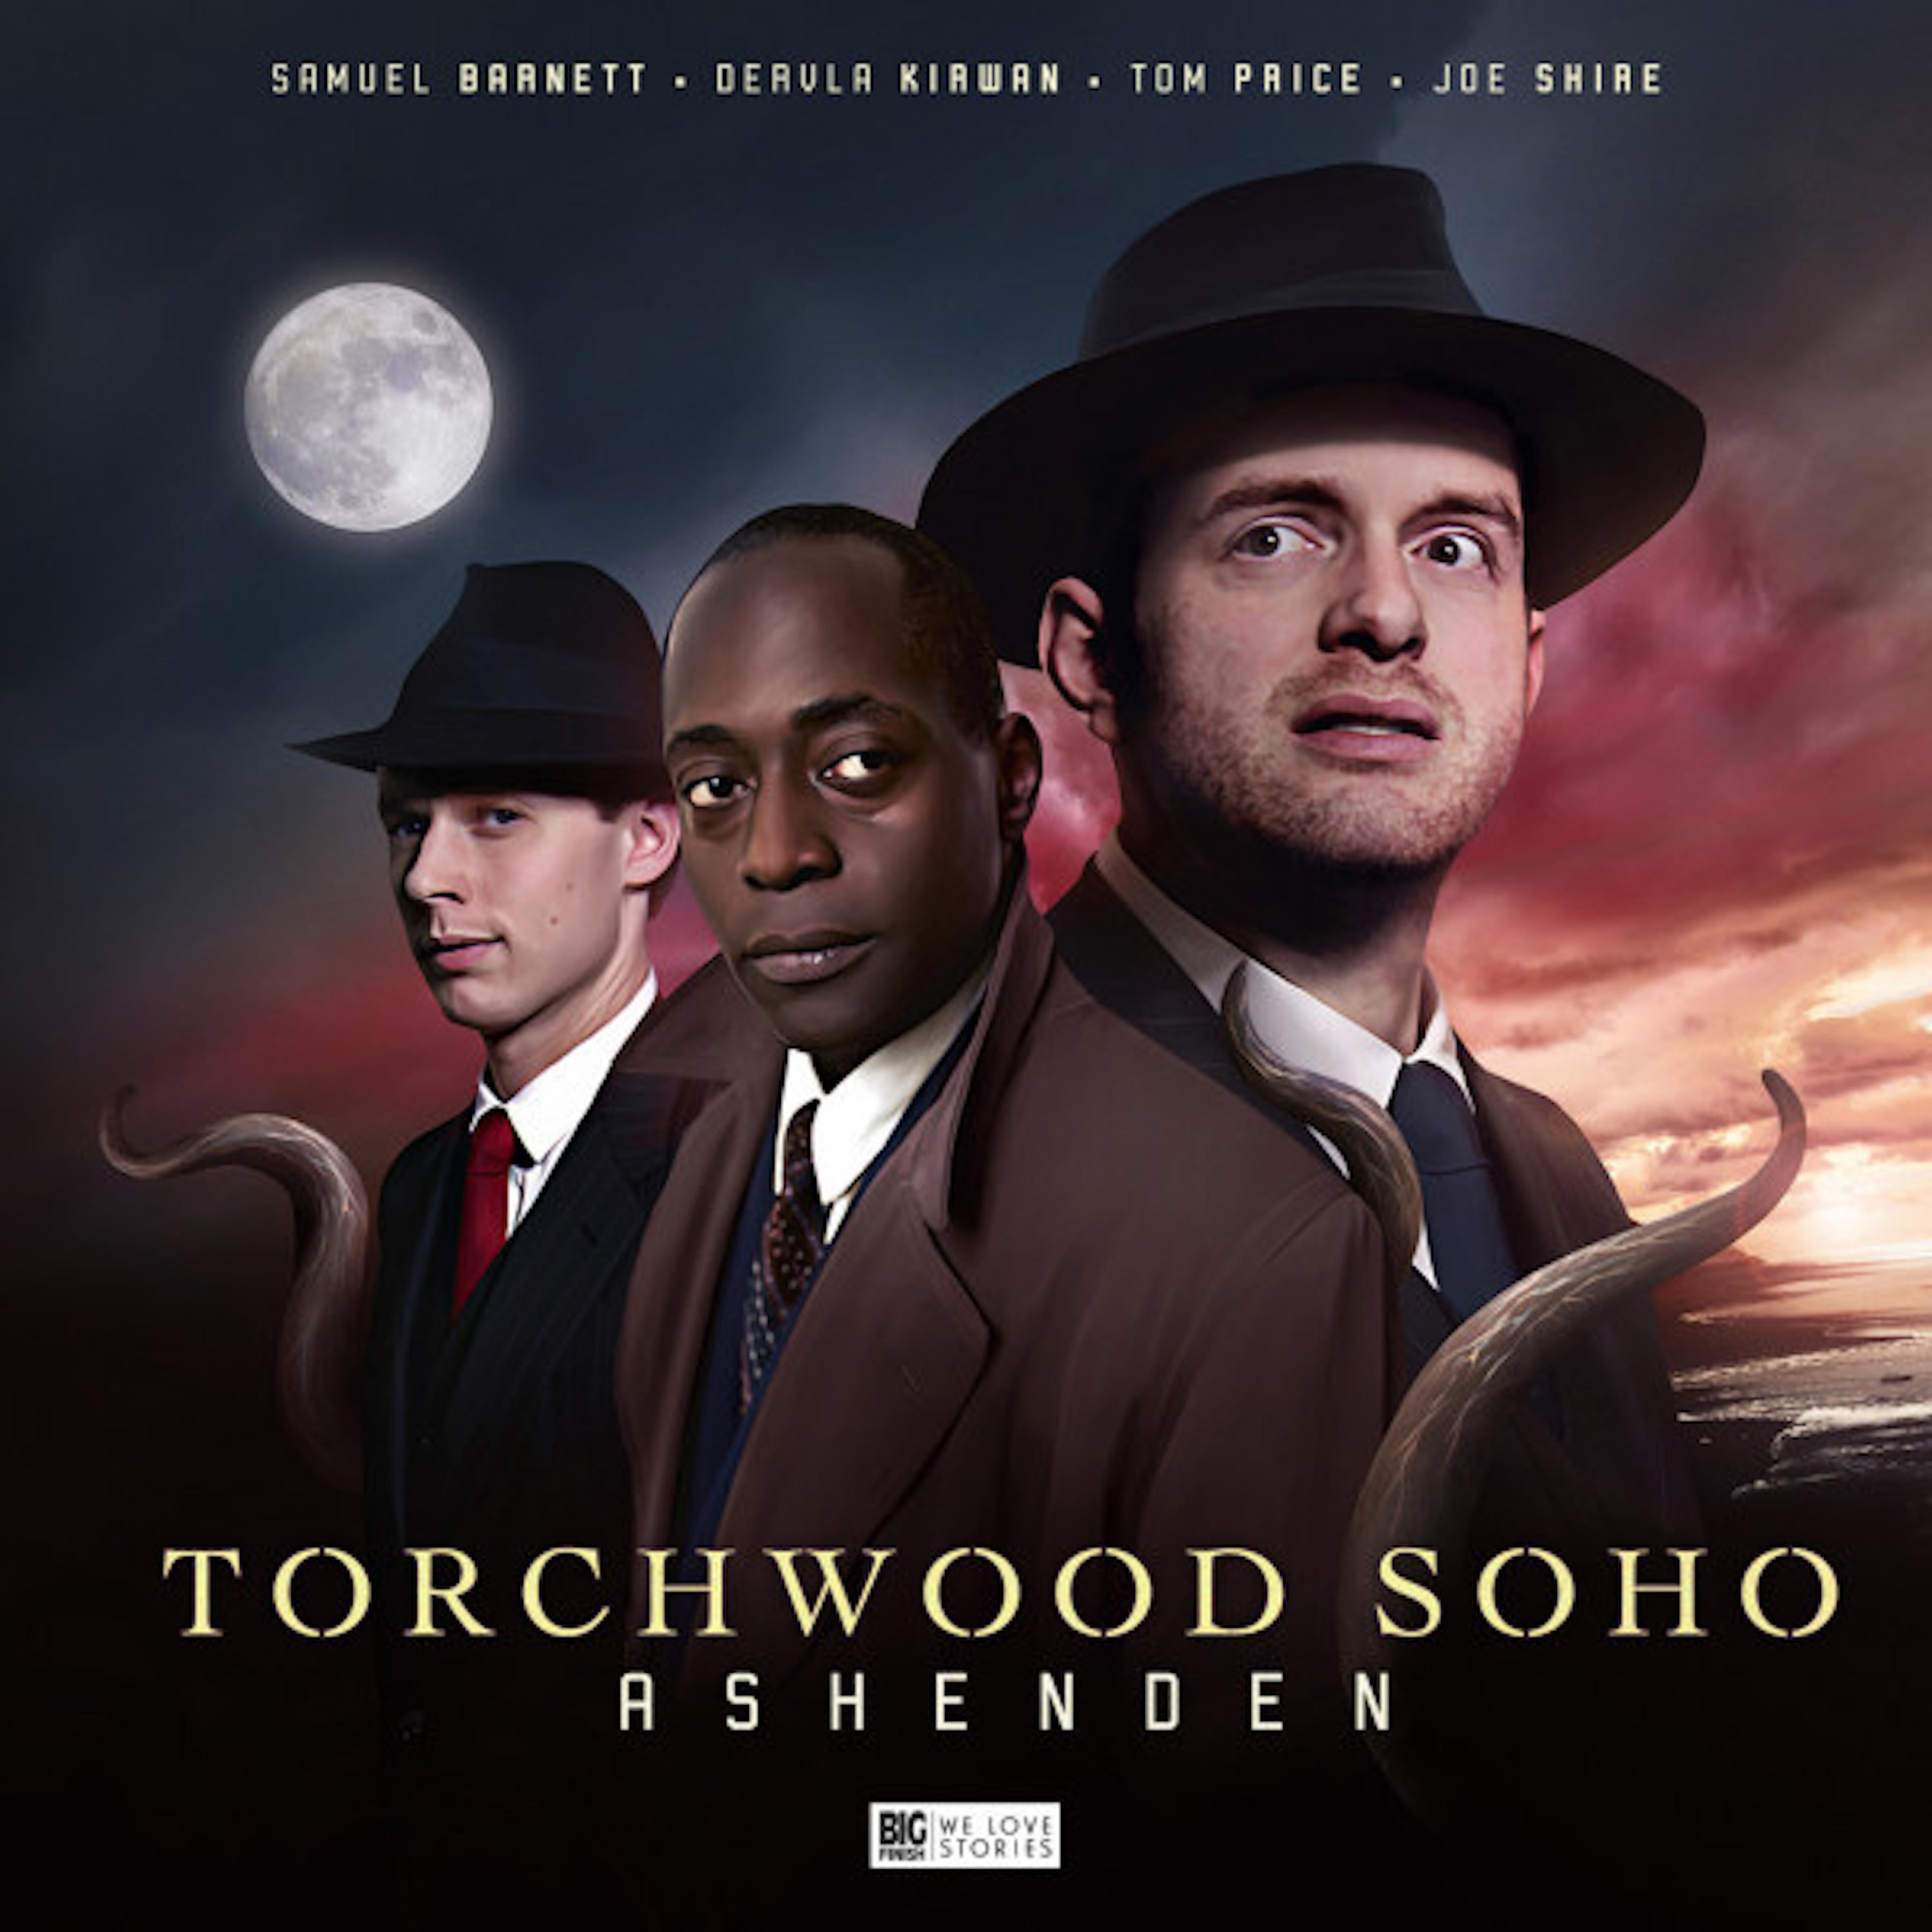 Torchwood Soho - Ashenden